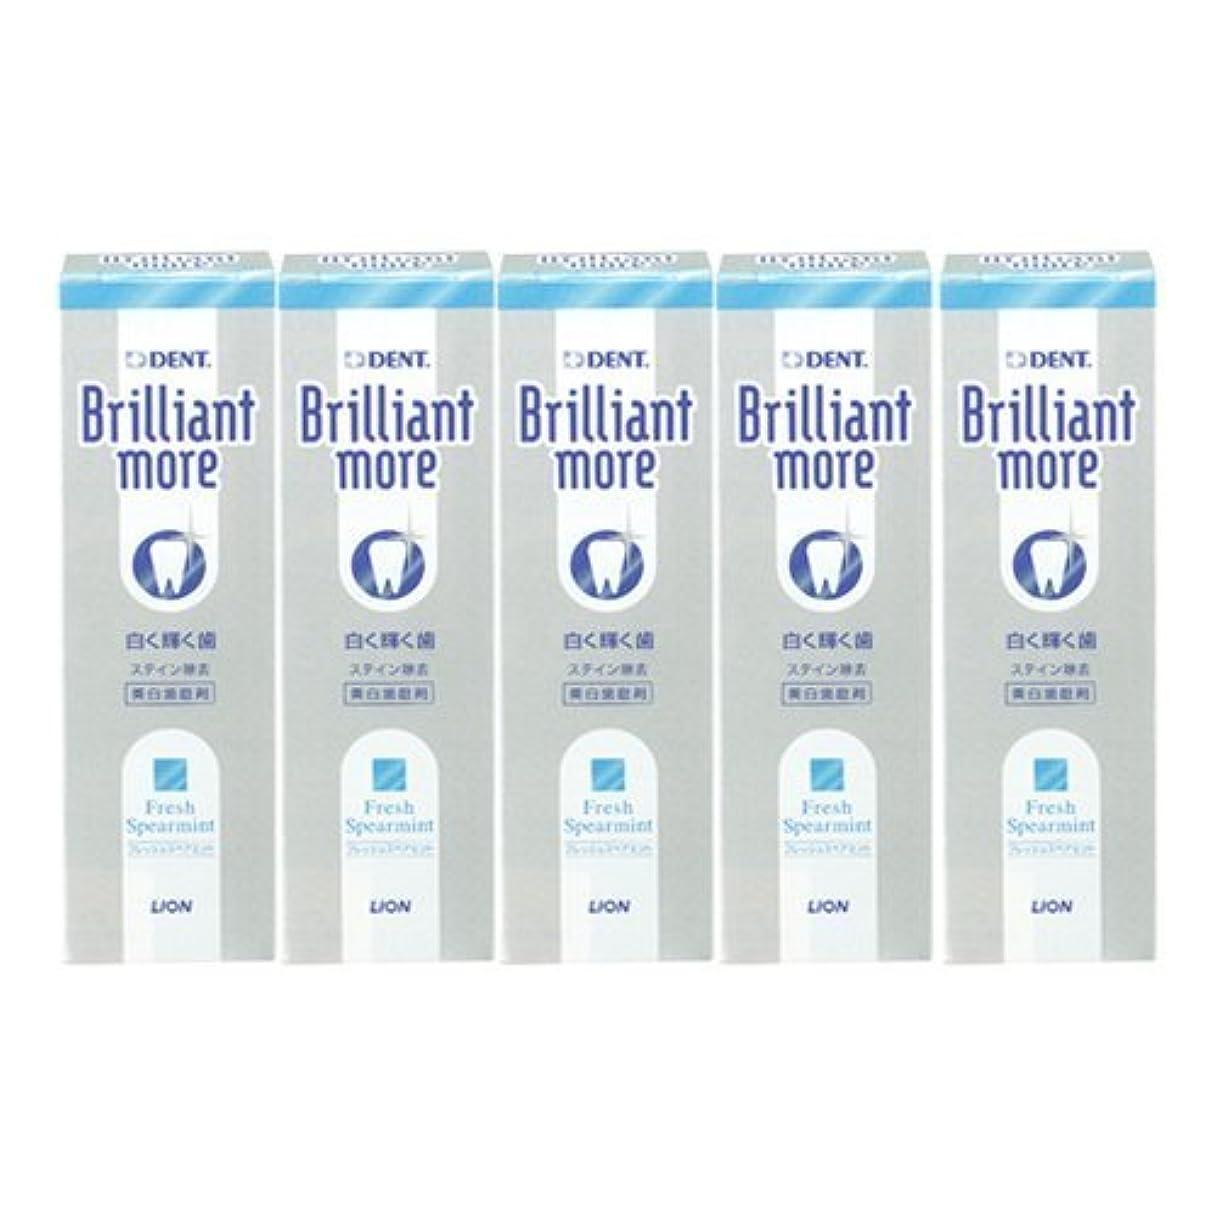 前書き応答分解するライオン ブリリアントモア フレッシュスペアミント 美白歯磨剤 LION Brilliant more 5本セット